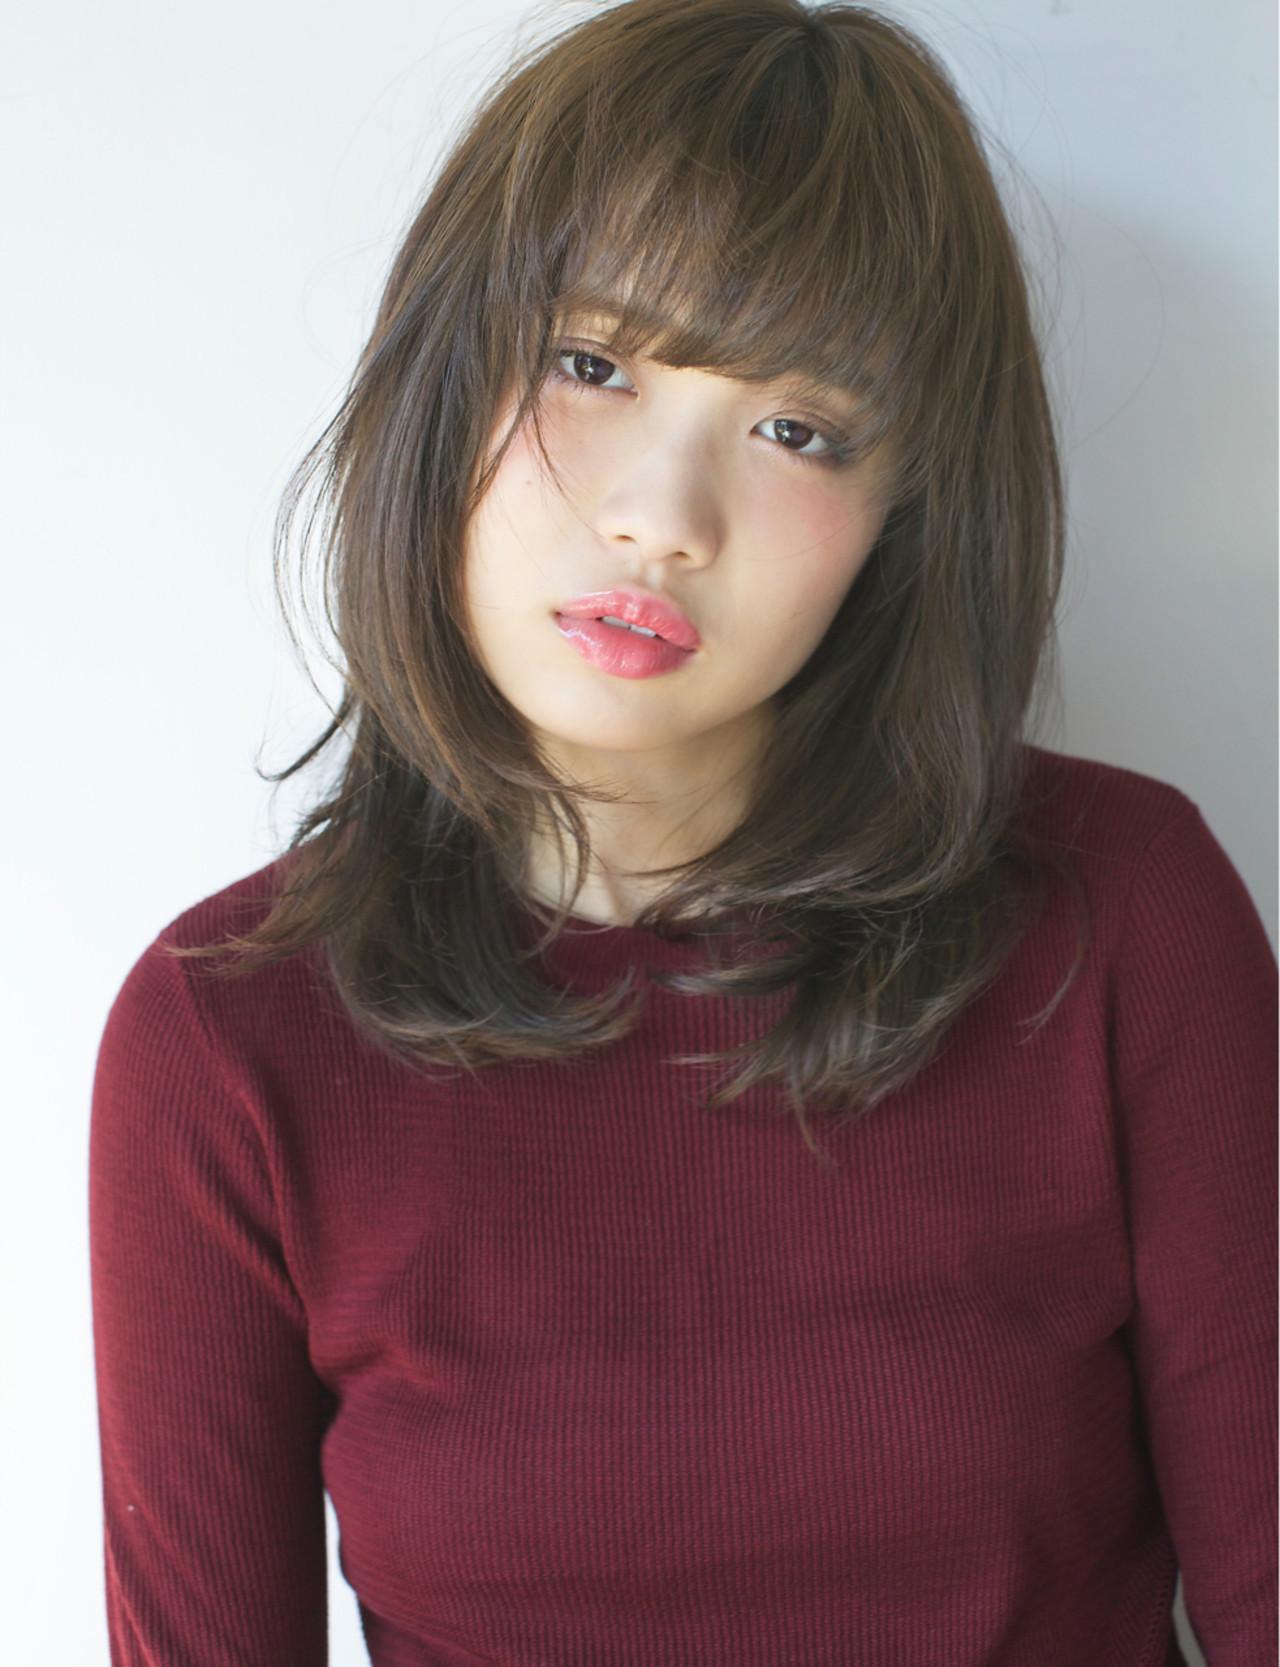 ミディアム 簡単 ストリート 外国人風カラー ヘアスタイルや髪型の写真・画像